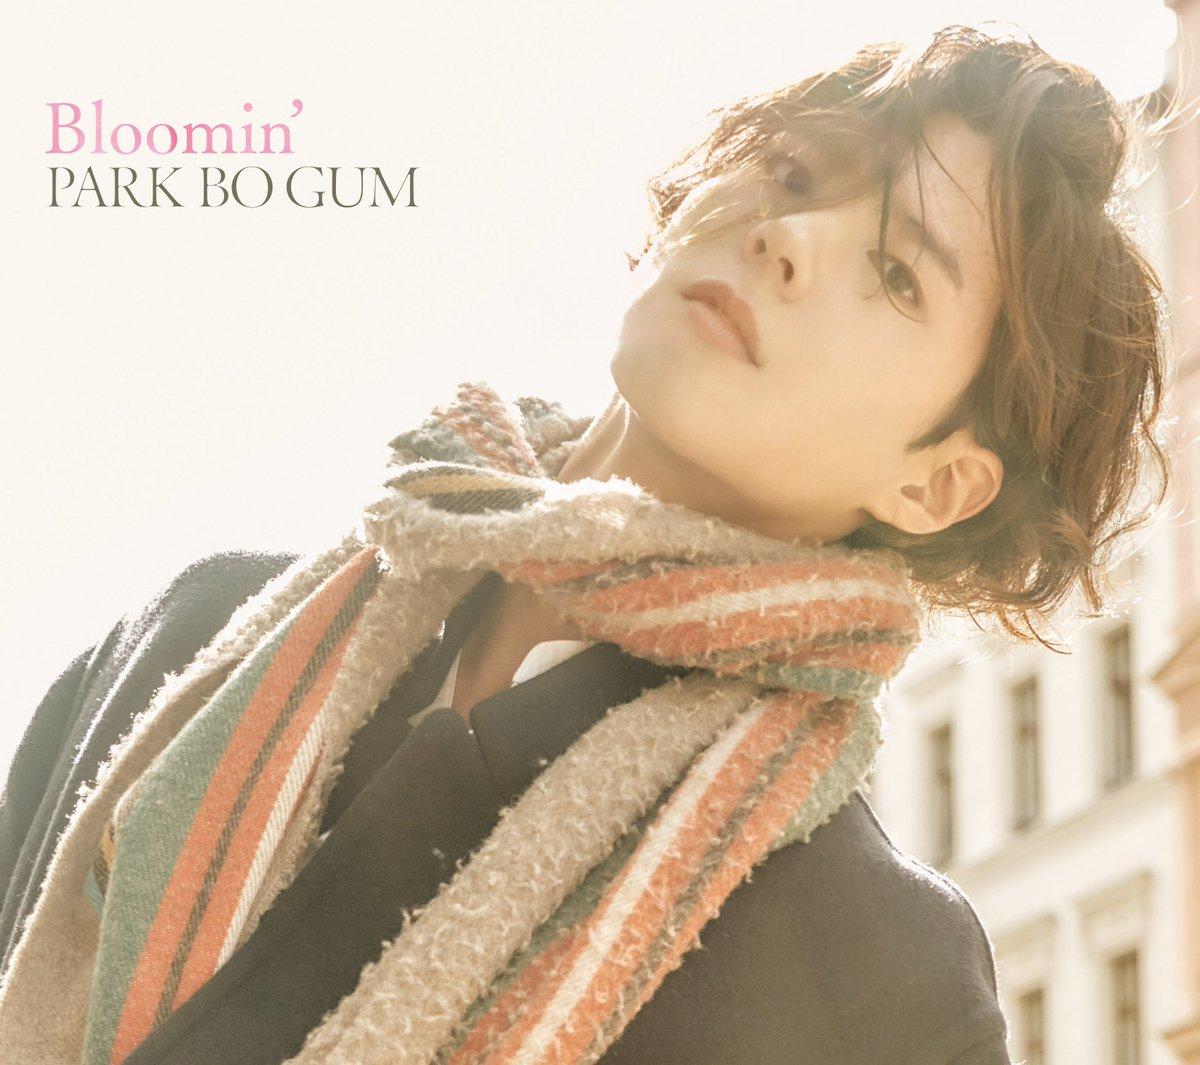 🌸#パク・ボゴム 日本デビューシングル『#Bloomin'』🌸  4/1付 オリコン週間シングルランキングで3位となりました㊗️✨  ファンの皆さまの応援のおかげで大きな花を咲かせることができました🌸 沢山の愛情をどうもありがとうございます🥰  #ParkBoGum #박보검 #ブルーミン #ボゴム #ボゴミ #Bogummy